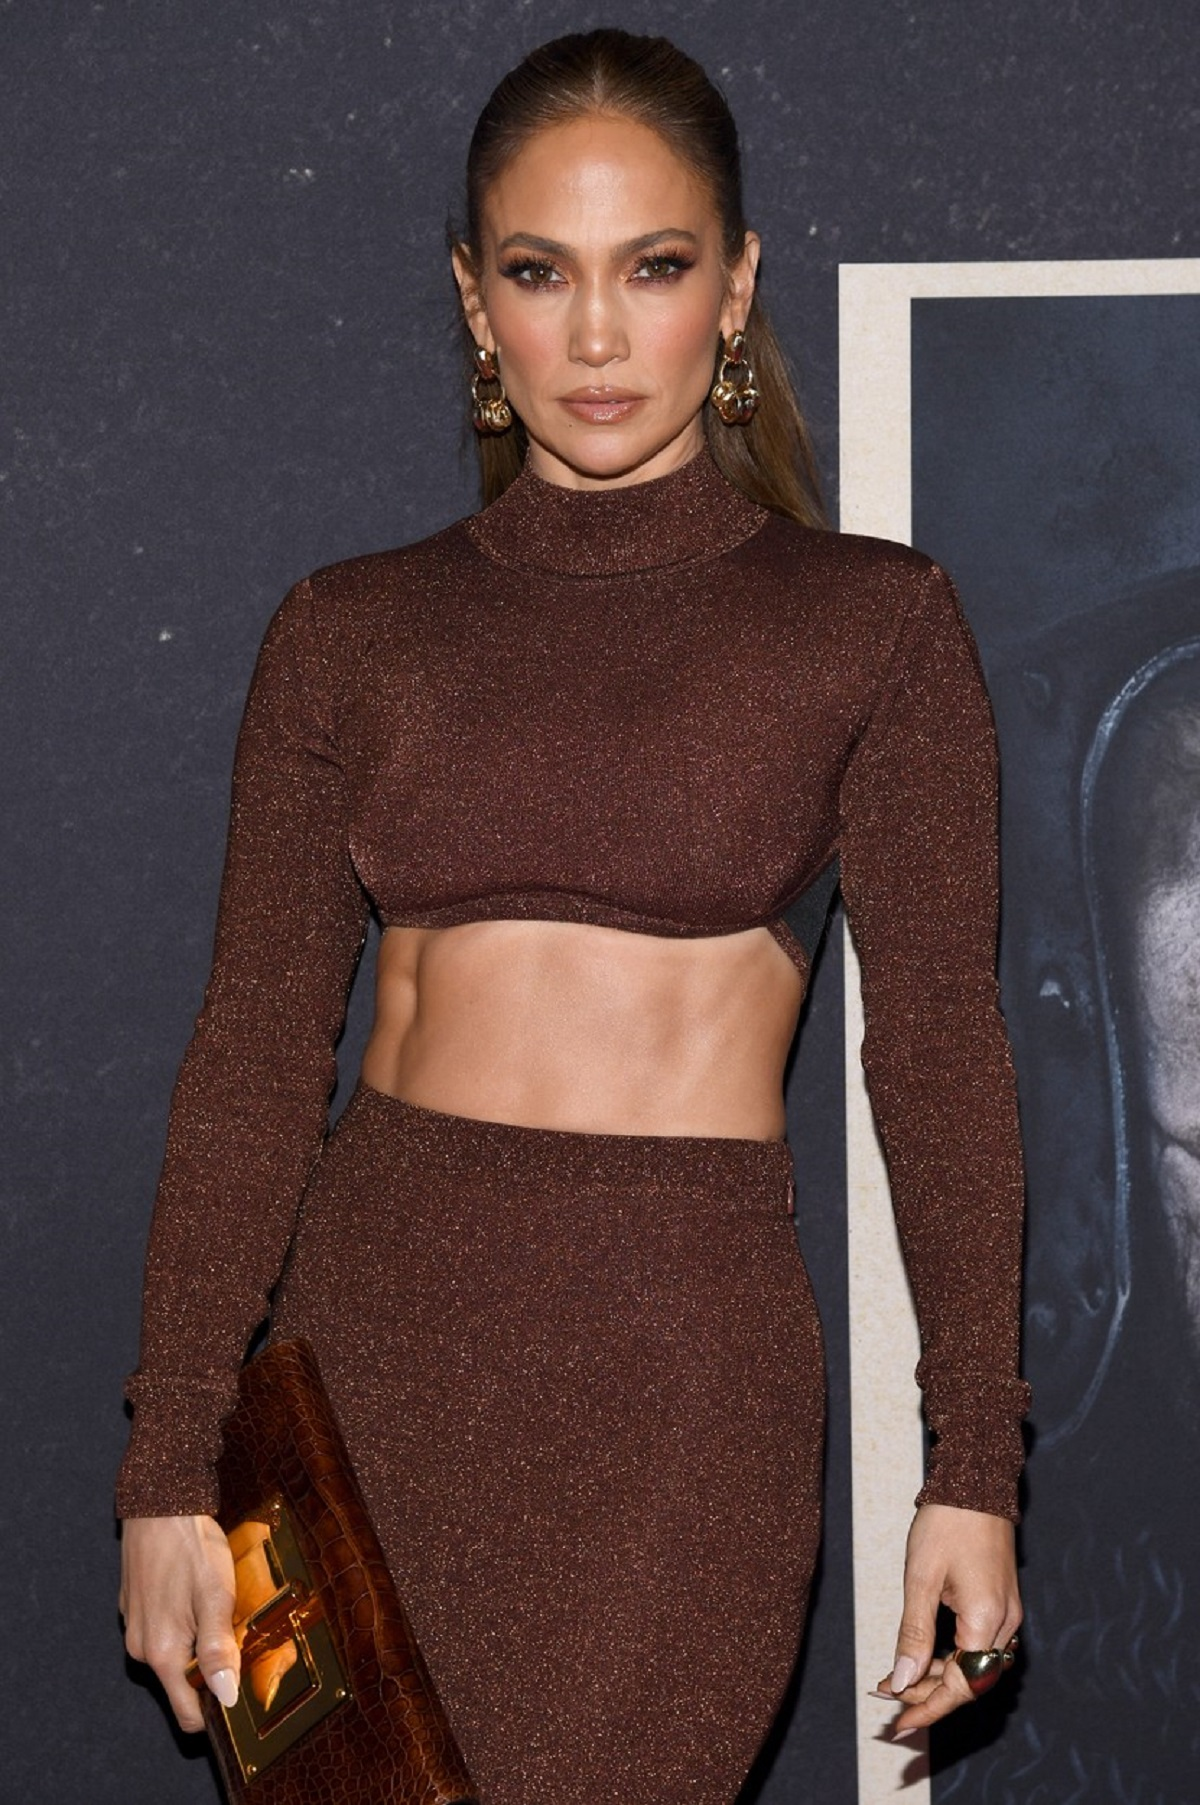 Jennifer Lopez într-o costumație maro cu o fustă scurtă și un crop top pe covorul roșu la premiera filmului The Last Duel